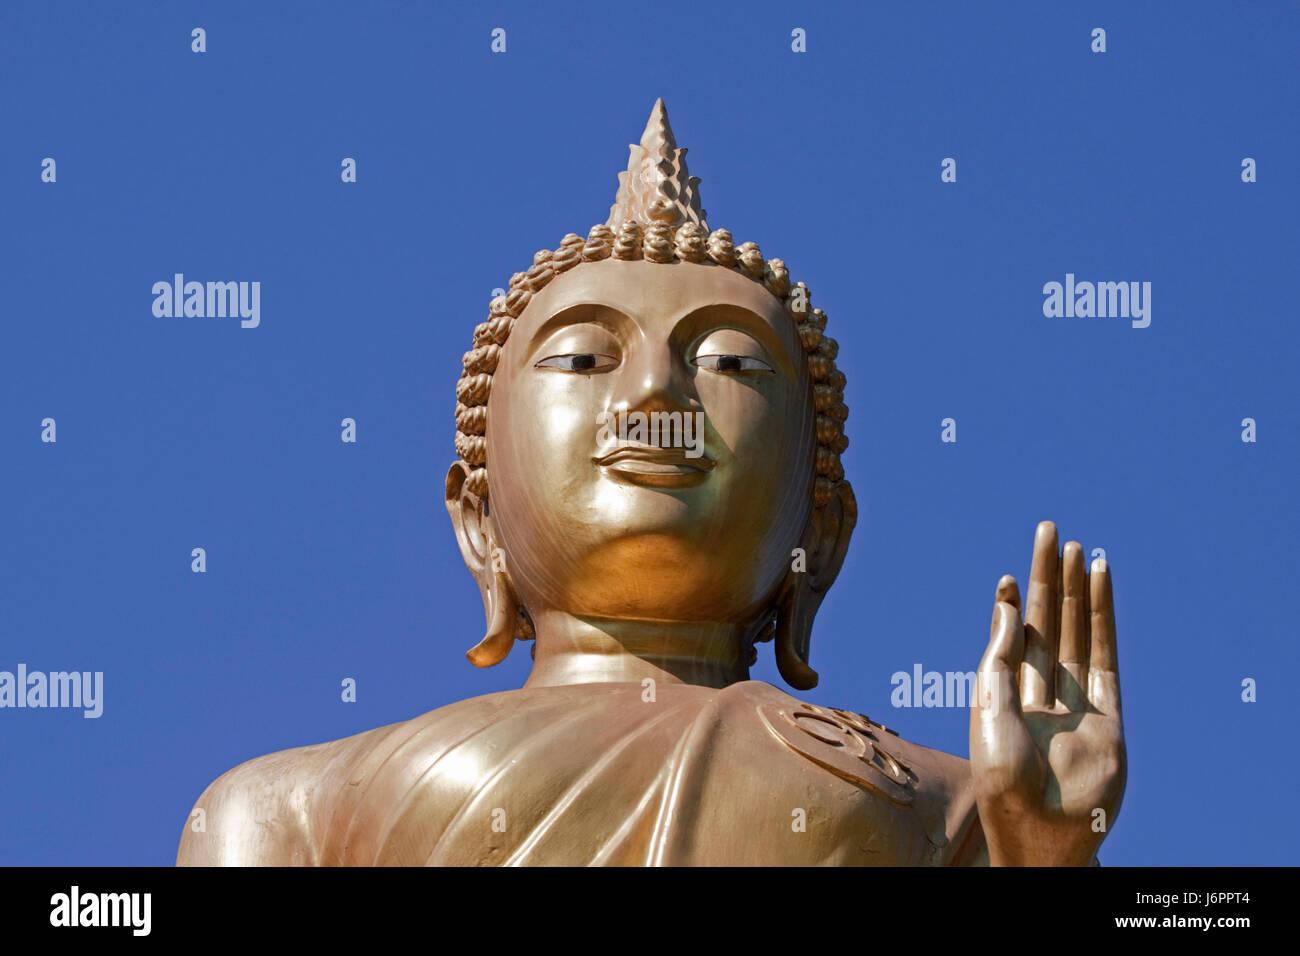 La Credenza Religiosa : Buddha mano sorto il buddismo religione credenza religiosa tempio